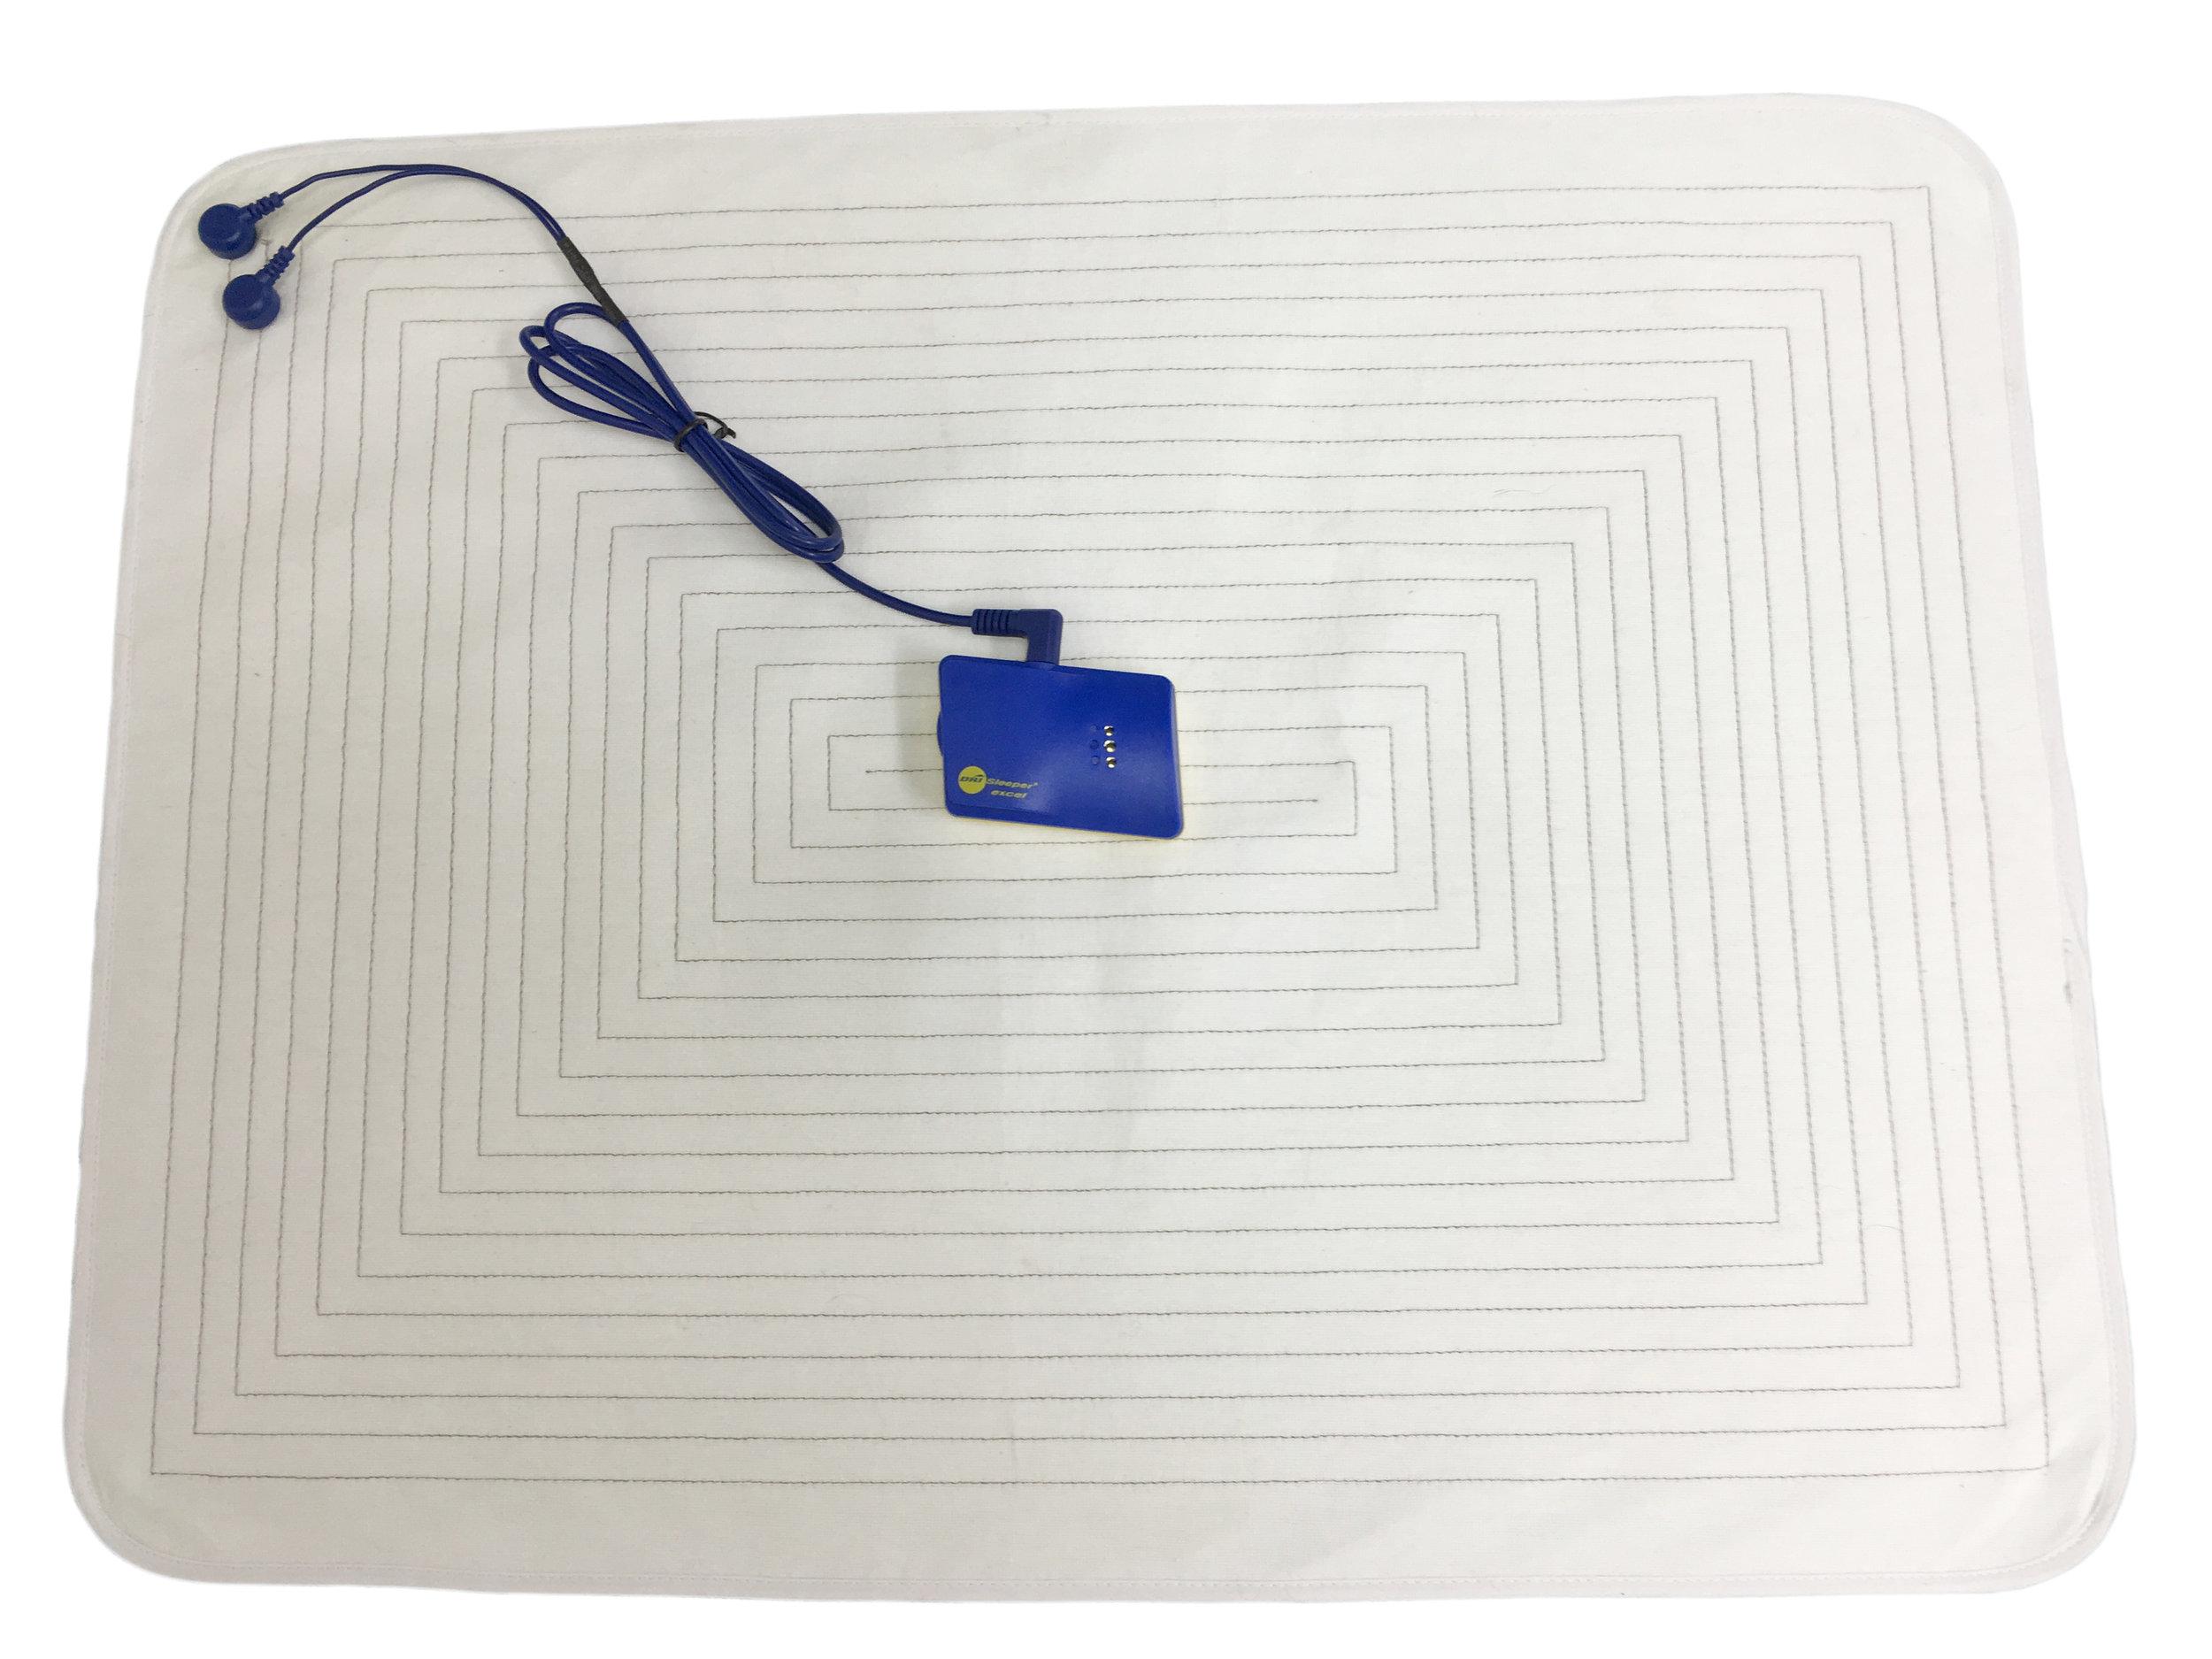 Dri-Sleeper Excel Alarm & Mat: CODE RA-AZ-015